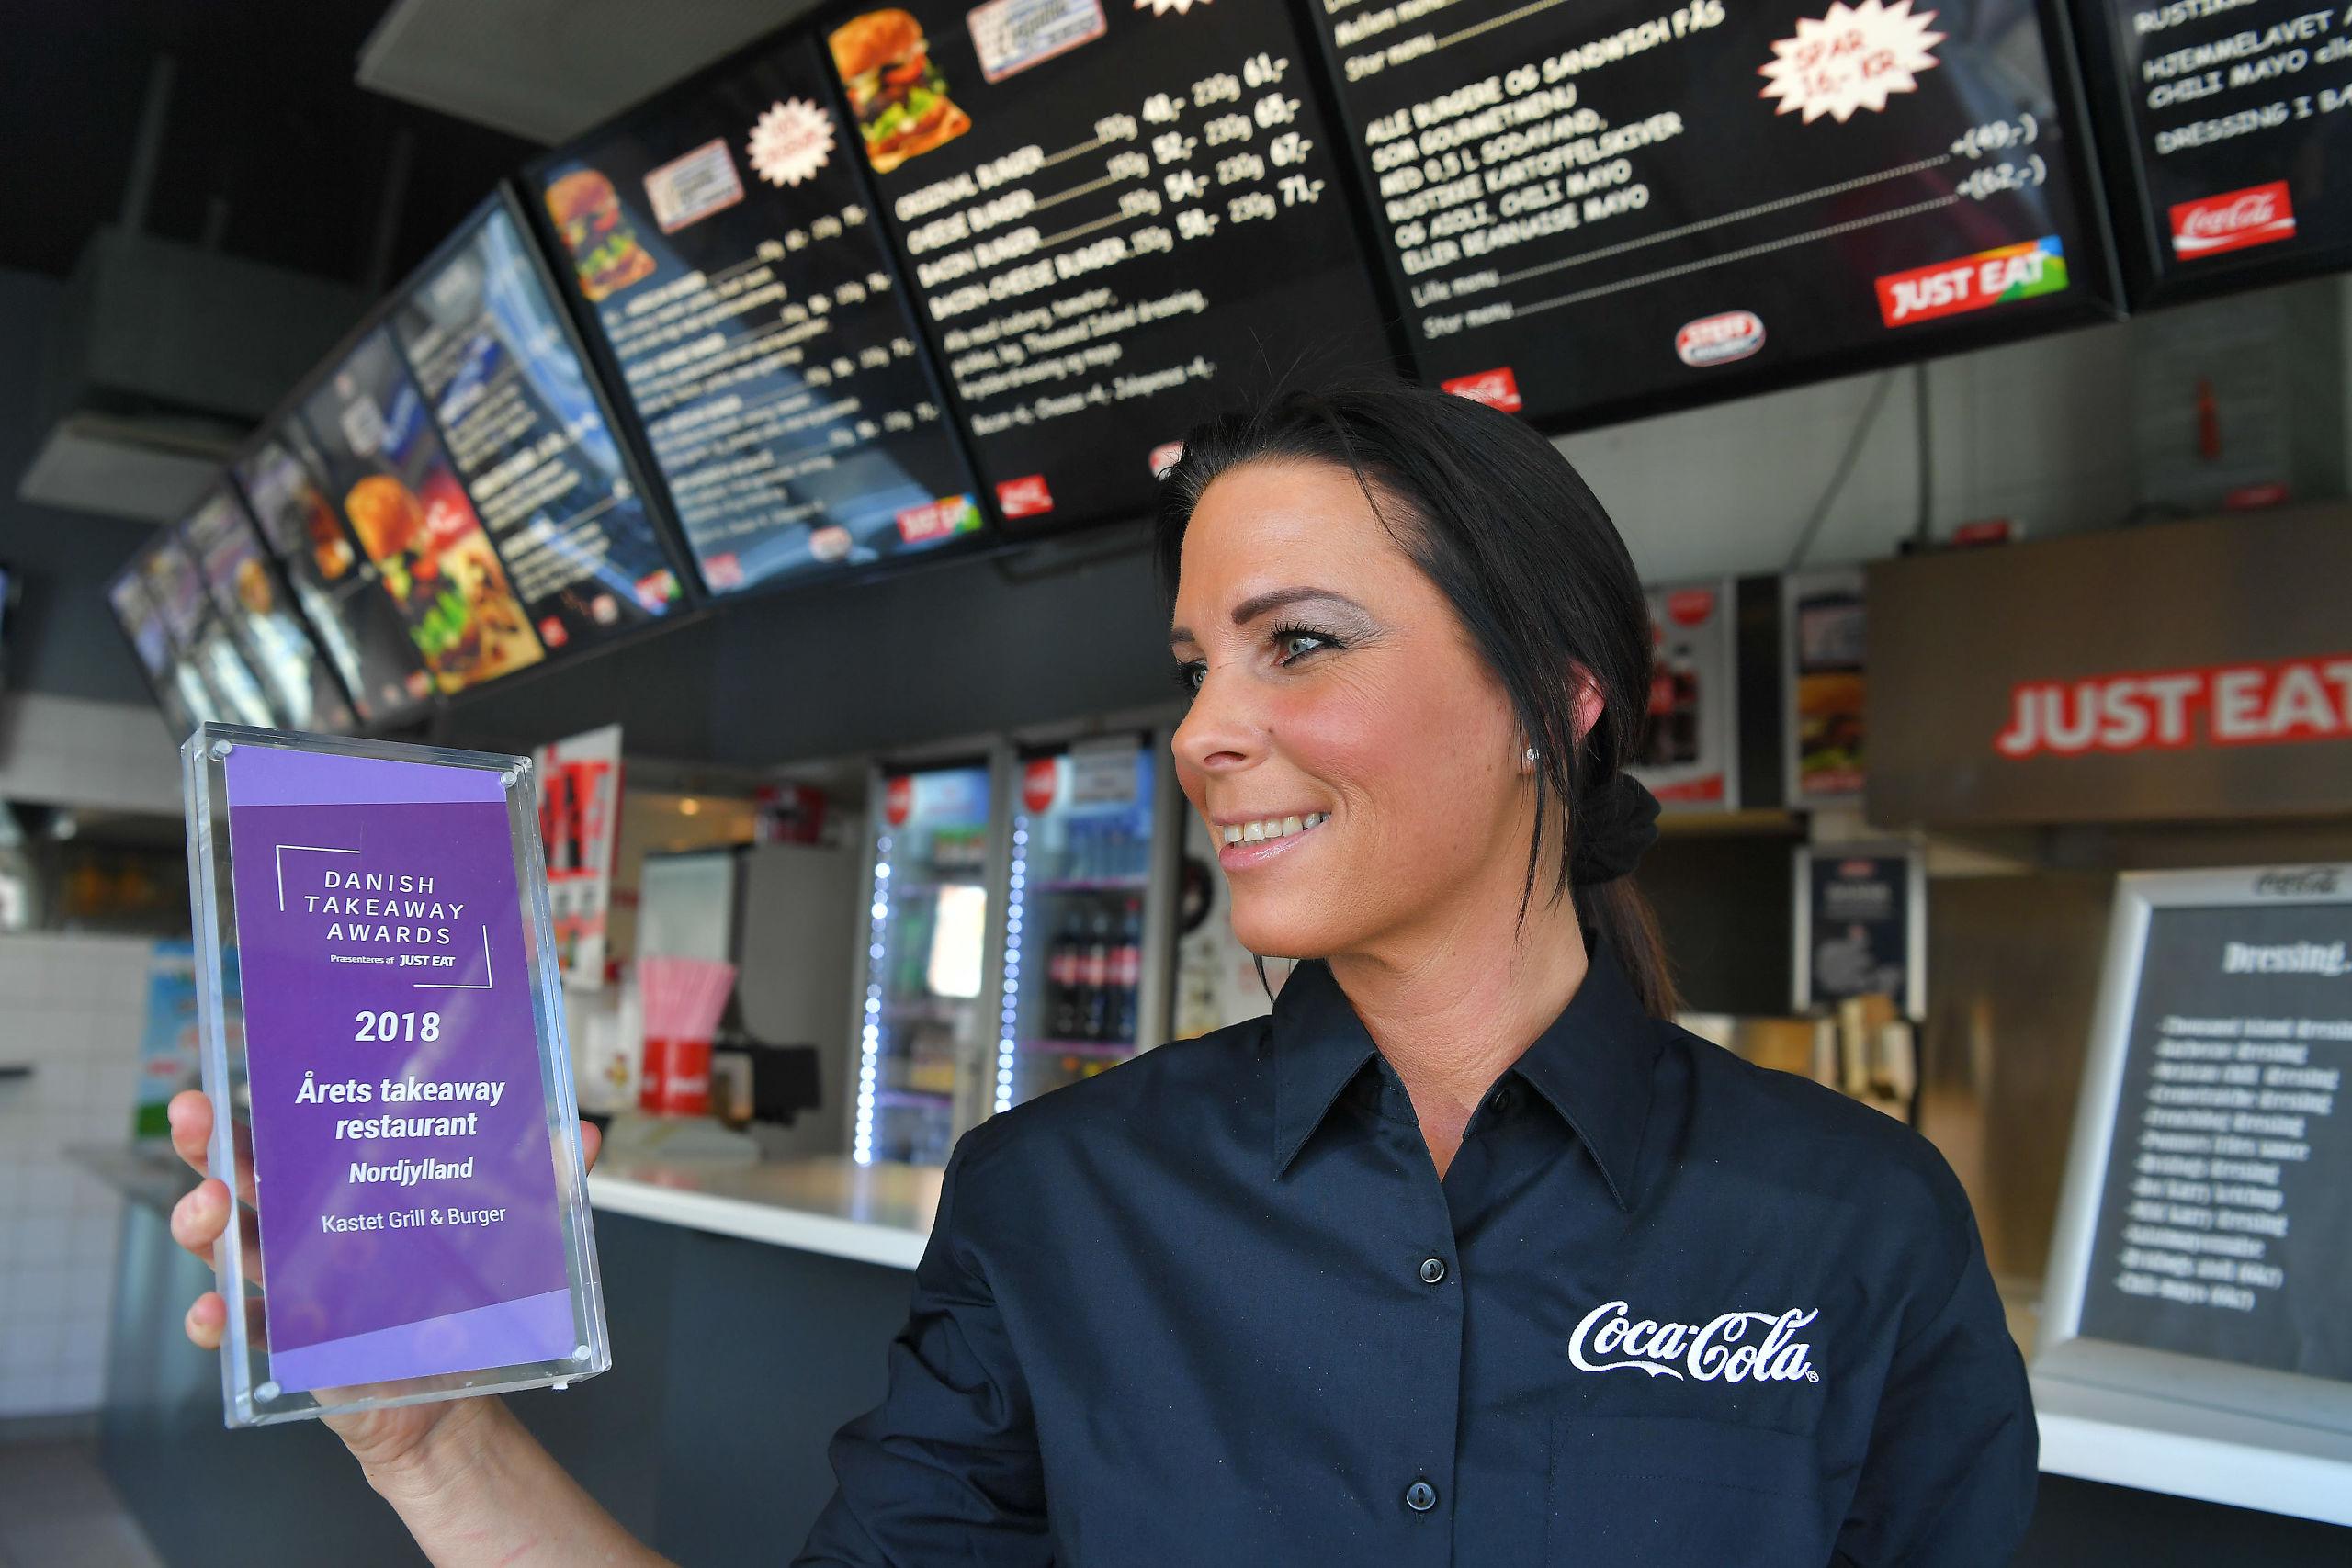 Kastet Grill & Burger blev for nylig kåret som Årets takeaway restaurant i Nordjylland af Just Eats brugere. Foto: Hans Ravn